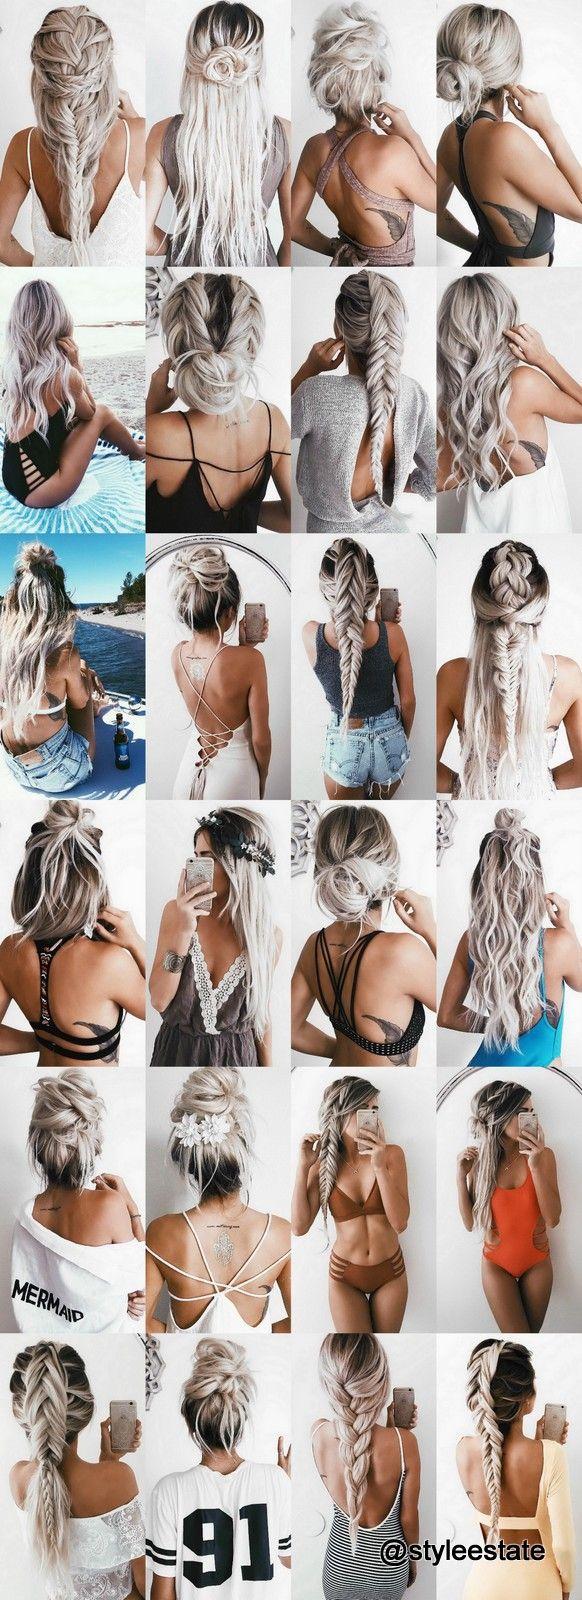 Blonde IG Model @emilyrosehannon's Top 24 Hairstyles 2016